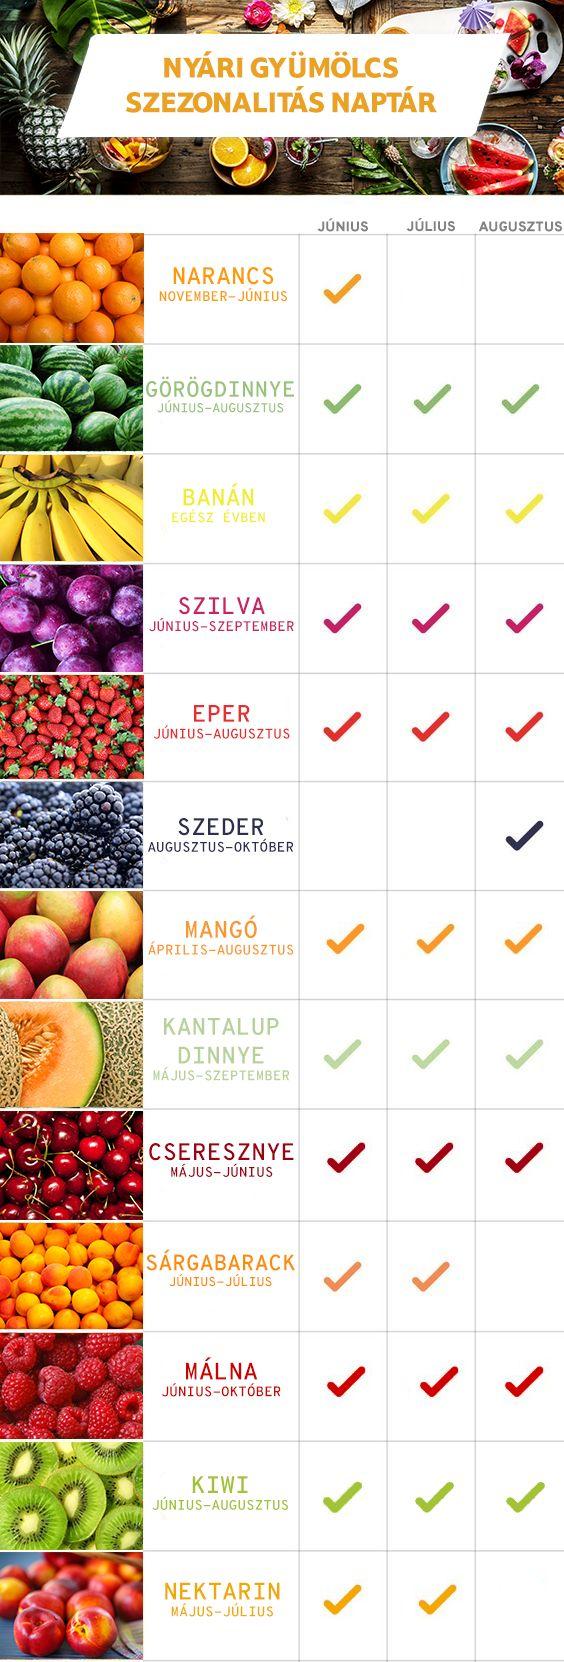 Nyári gyümölcs szezonalitás naptár! :)